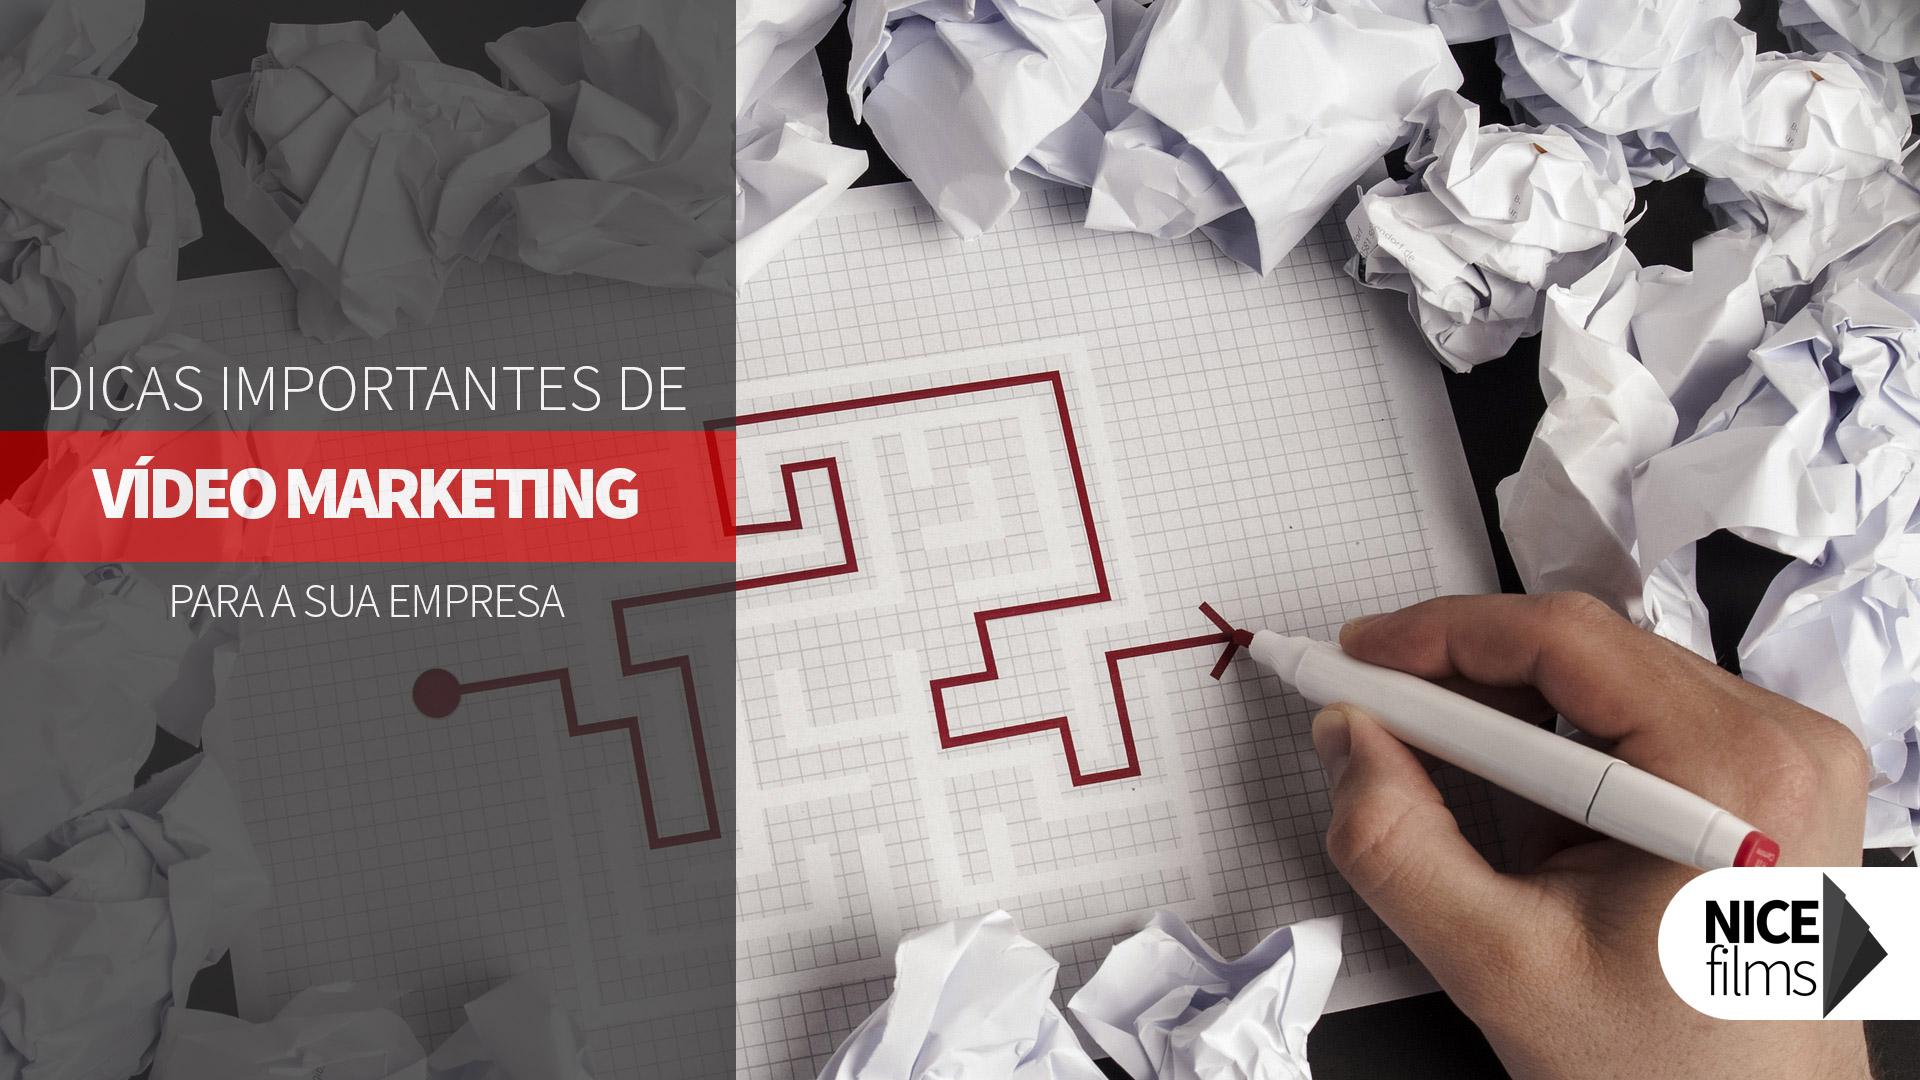 12 Dicas importantes de Vídeo Marketing para sua marca